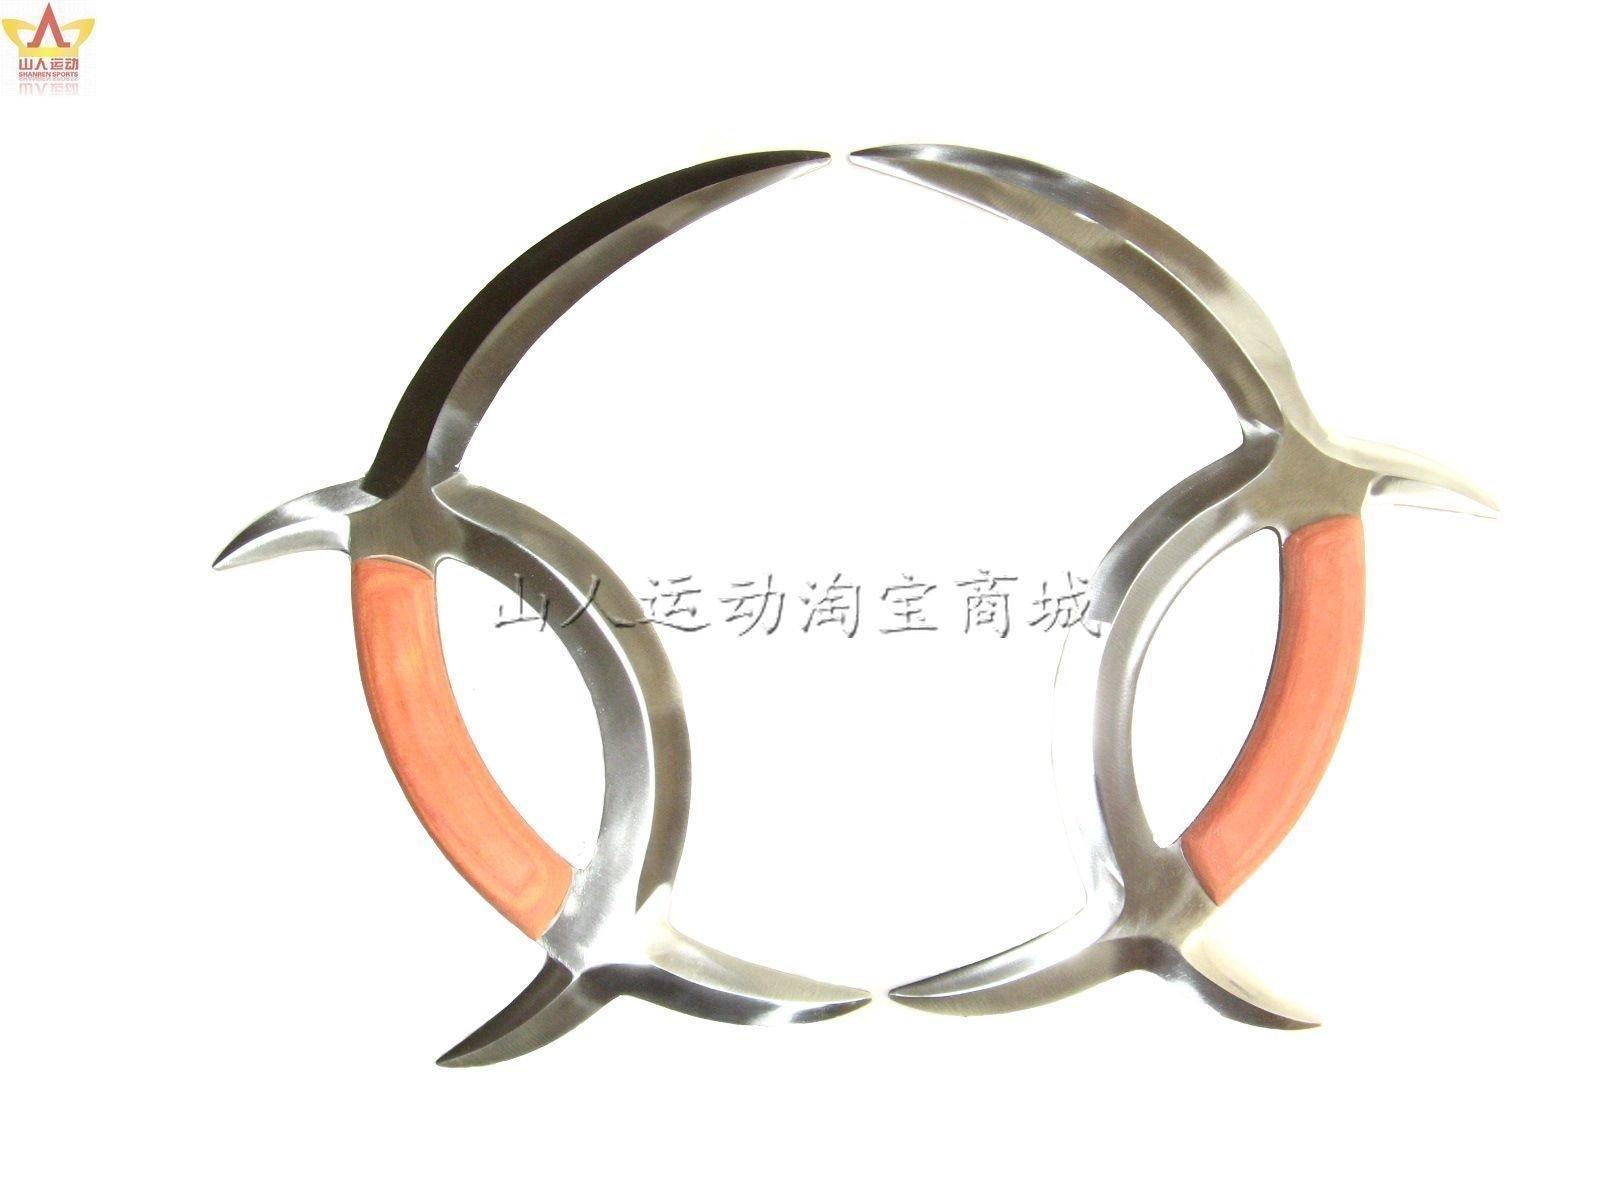 Chinese Deer Horn Knives Double Deer Horn Knives